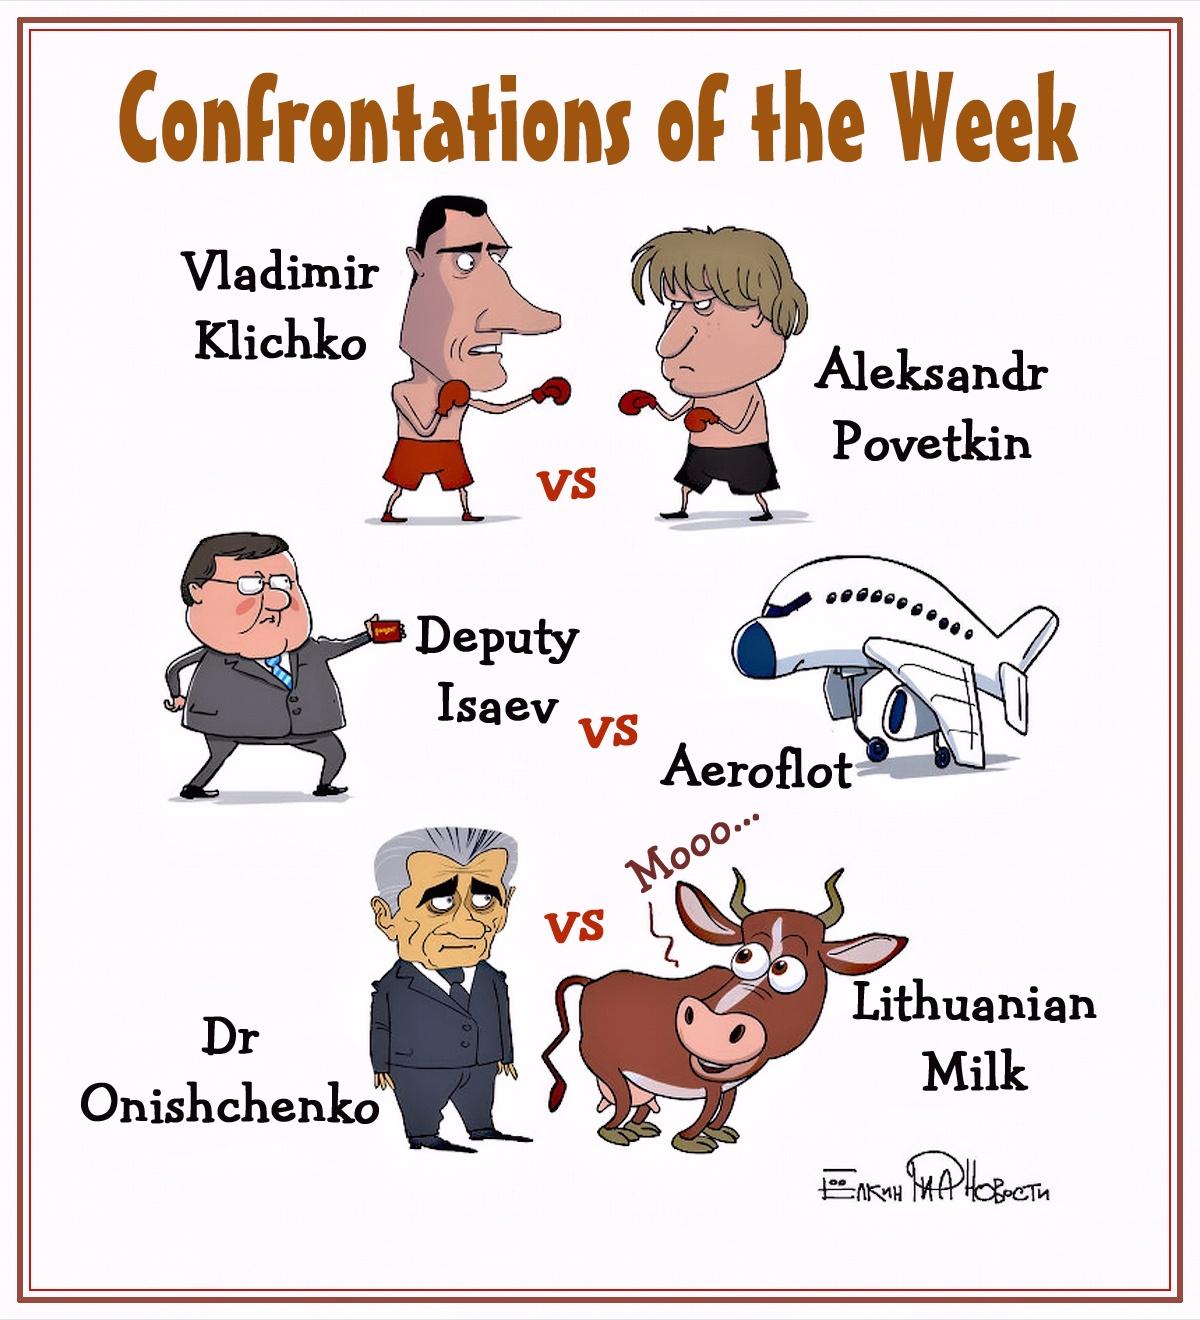 00 Sergei Yolkin. Events of the Week in Cartoons by Sergei Yolkin. 7-11 October 2013. 2013